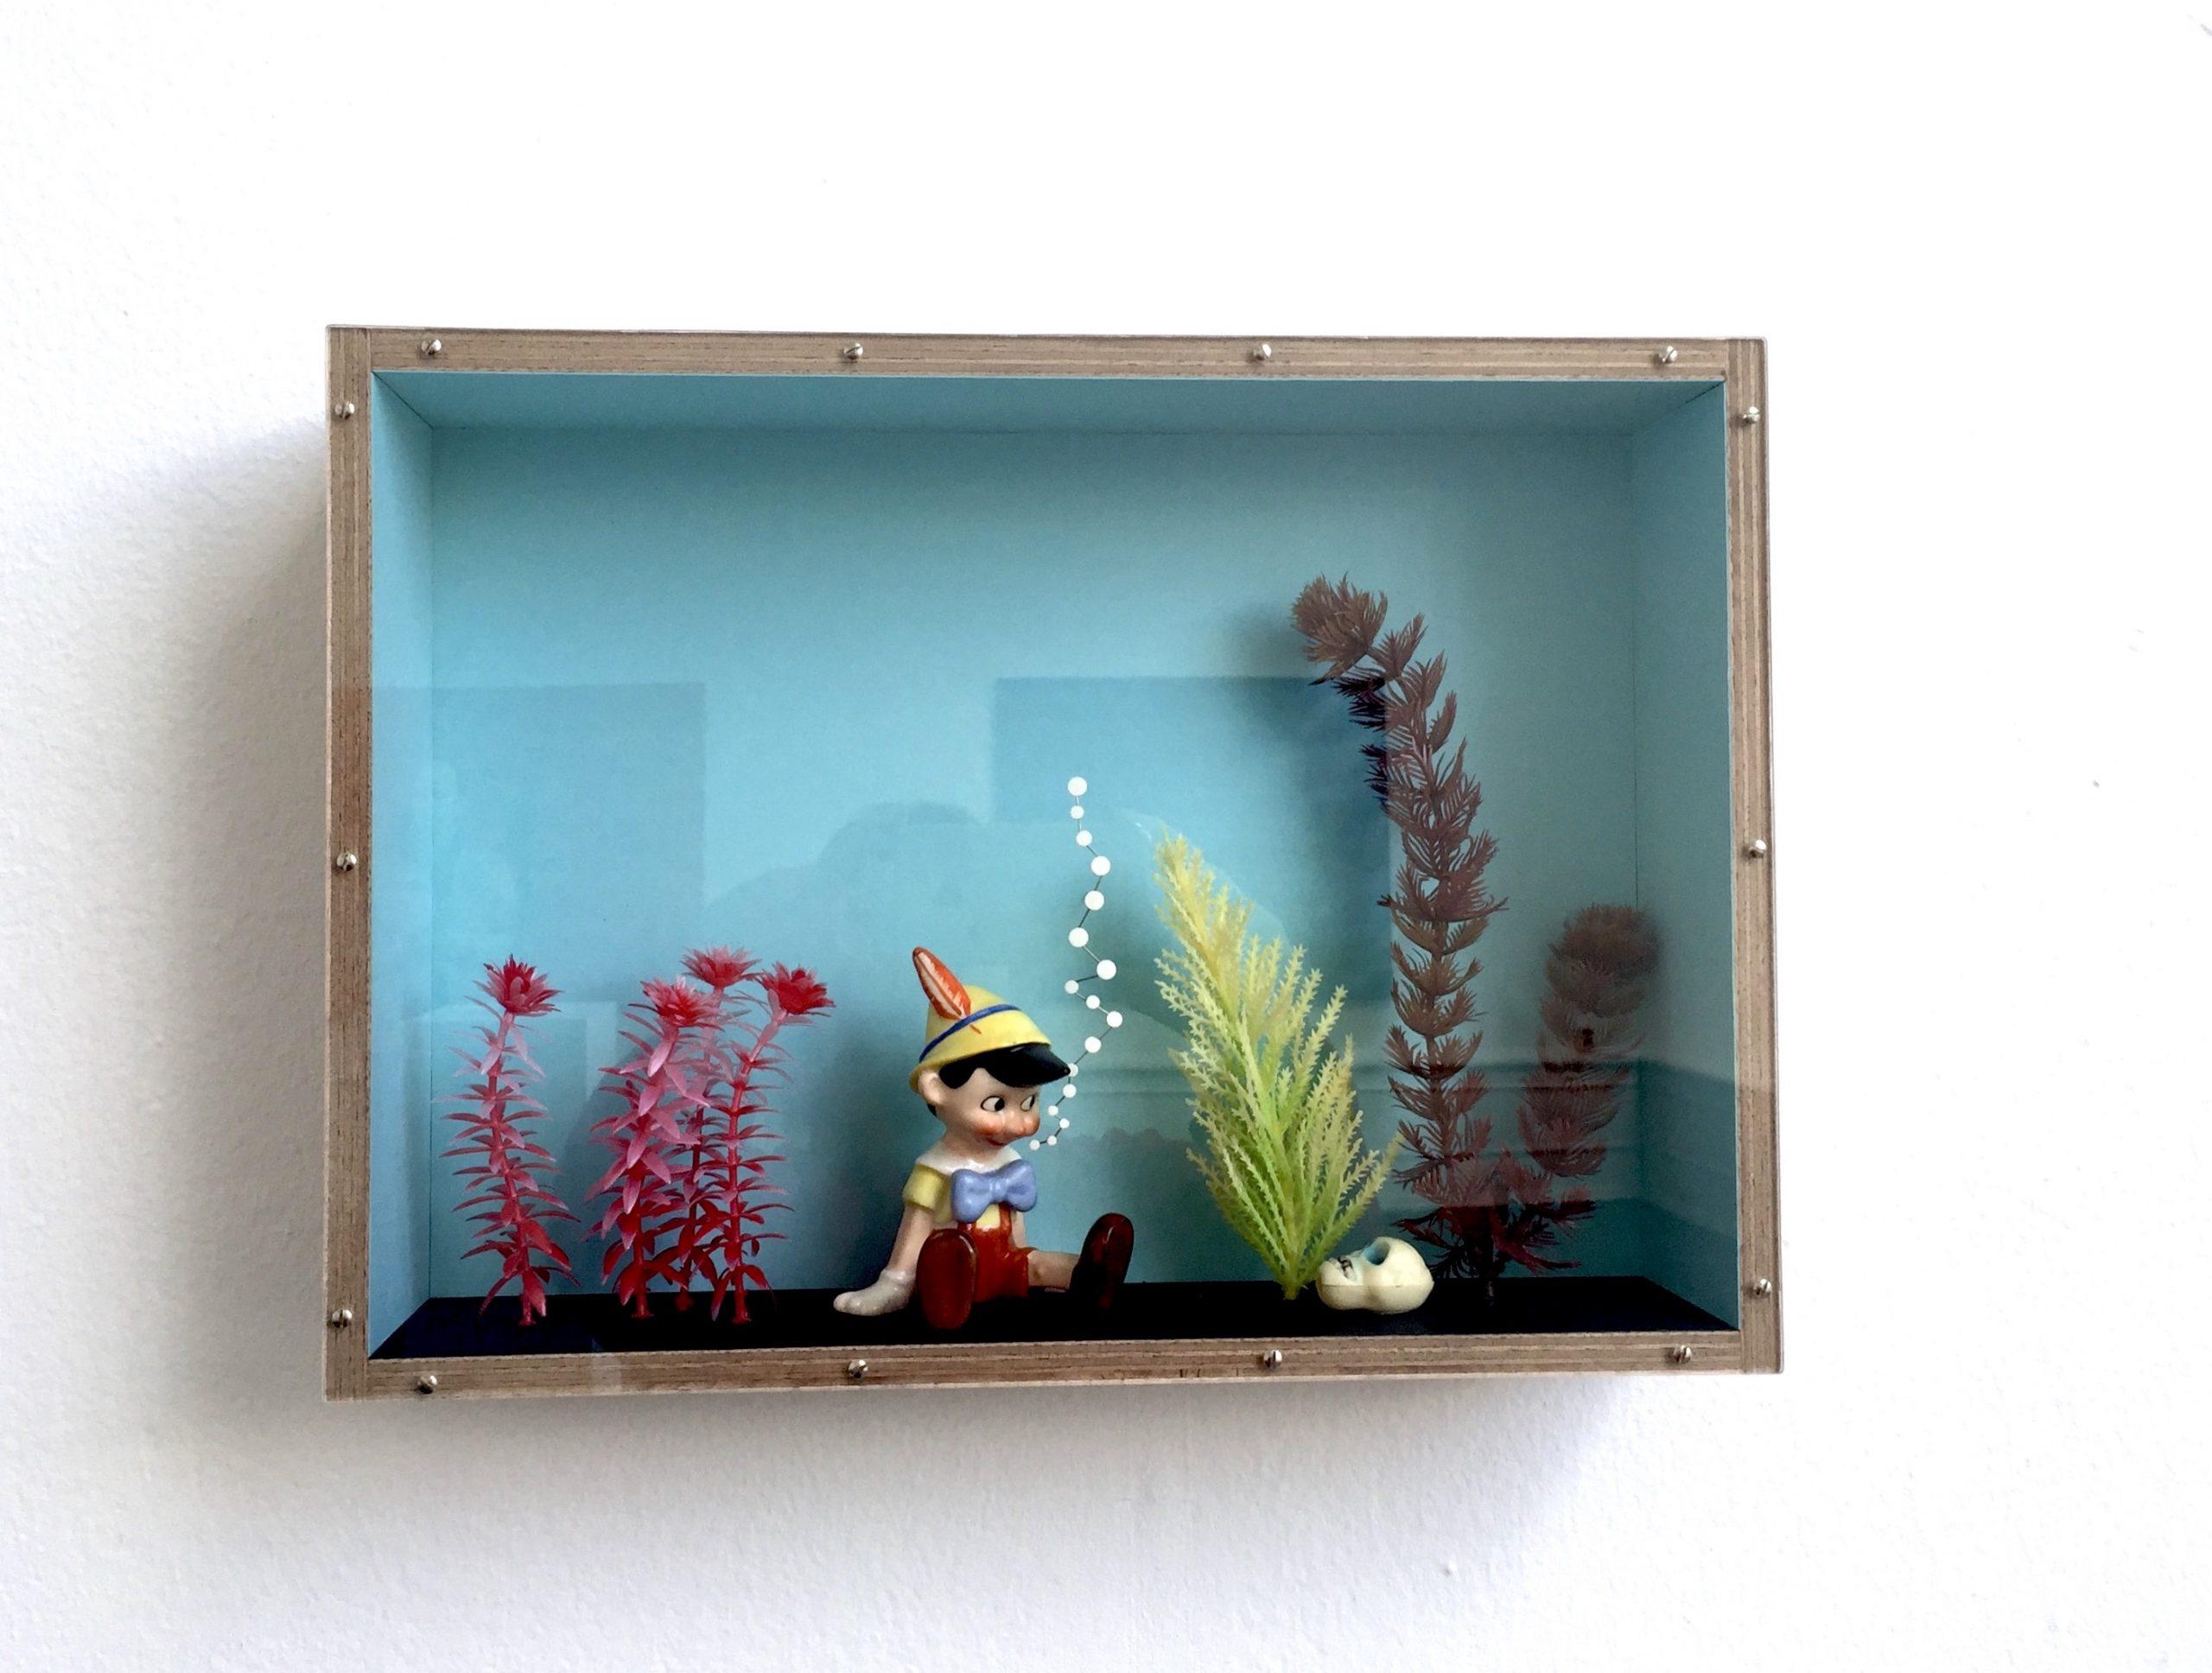 Ande och Materia / Mind and Matter, april 2020. Thomas Olsson, Under ytan, 2019. Porslin, papper, trä, plexiglas 26 x 36 x 8 cm